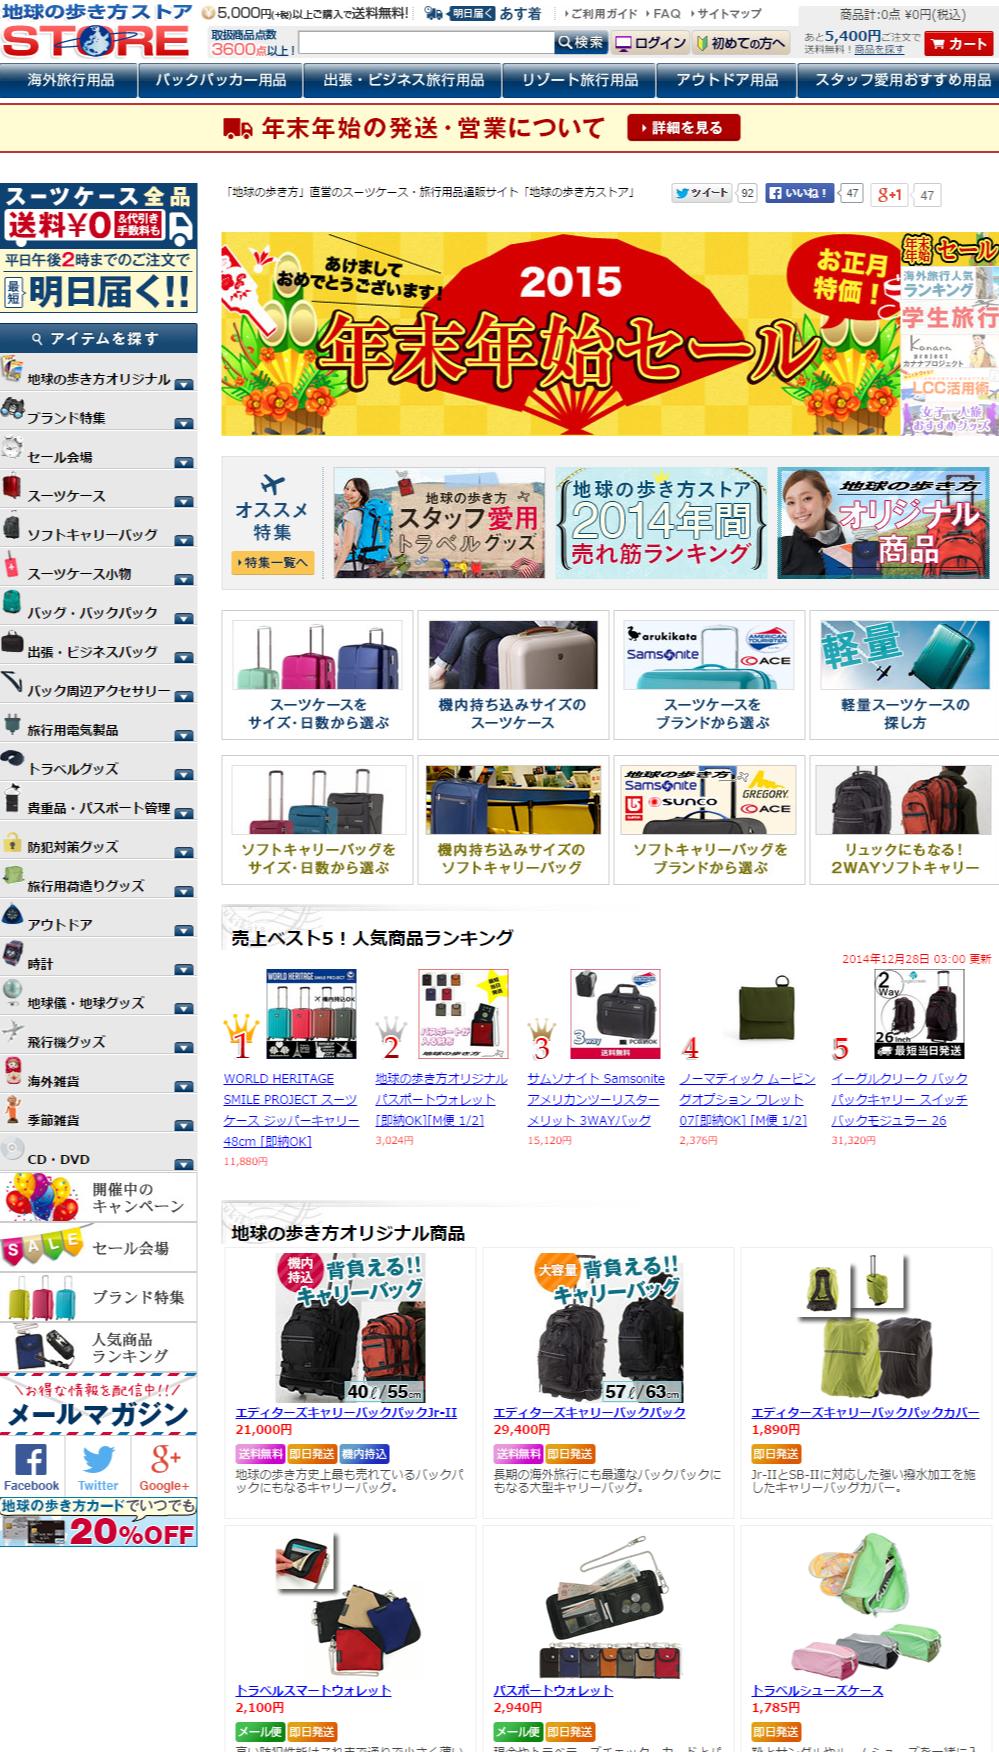 arukikata_store